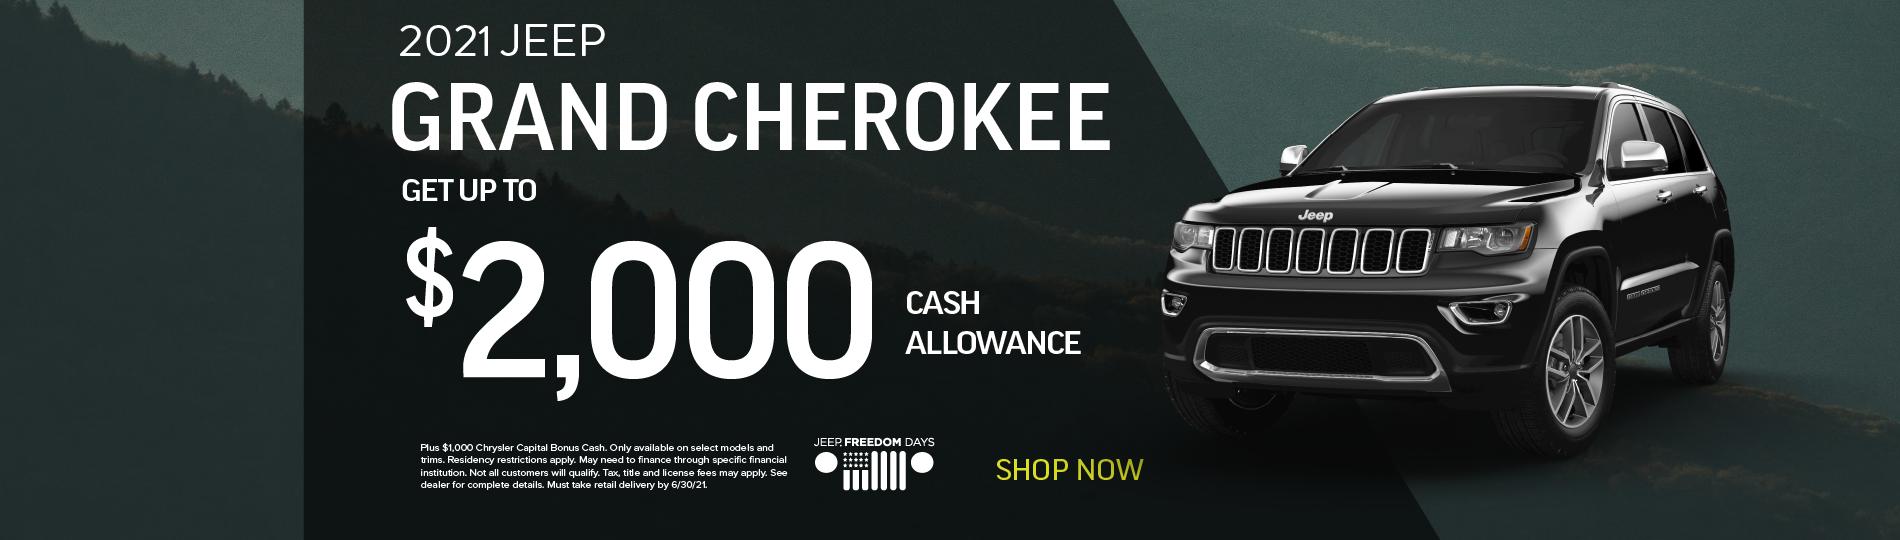 Grand cherokee june